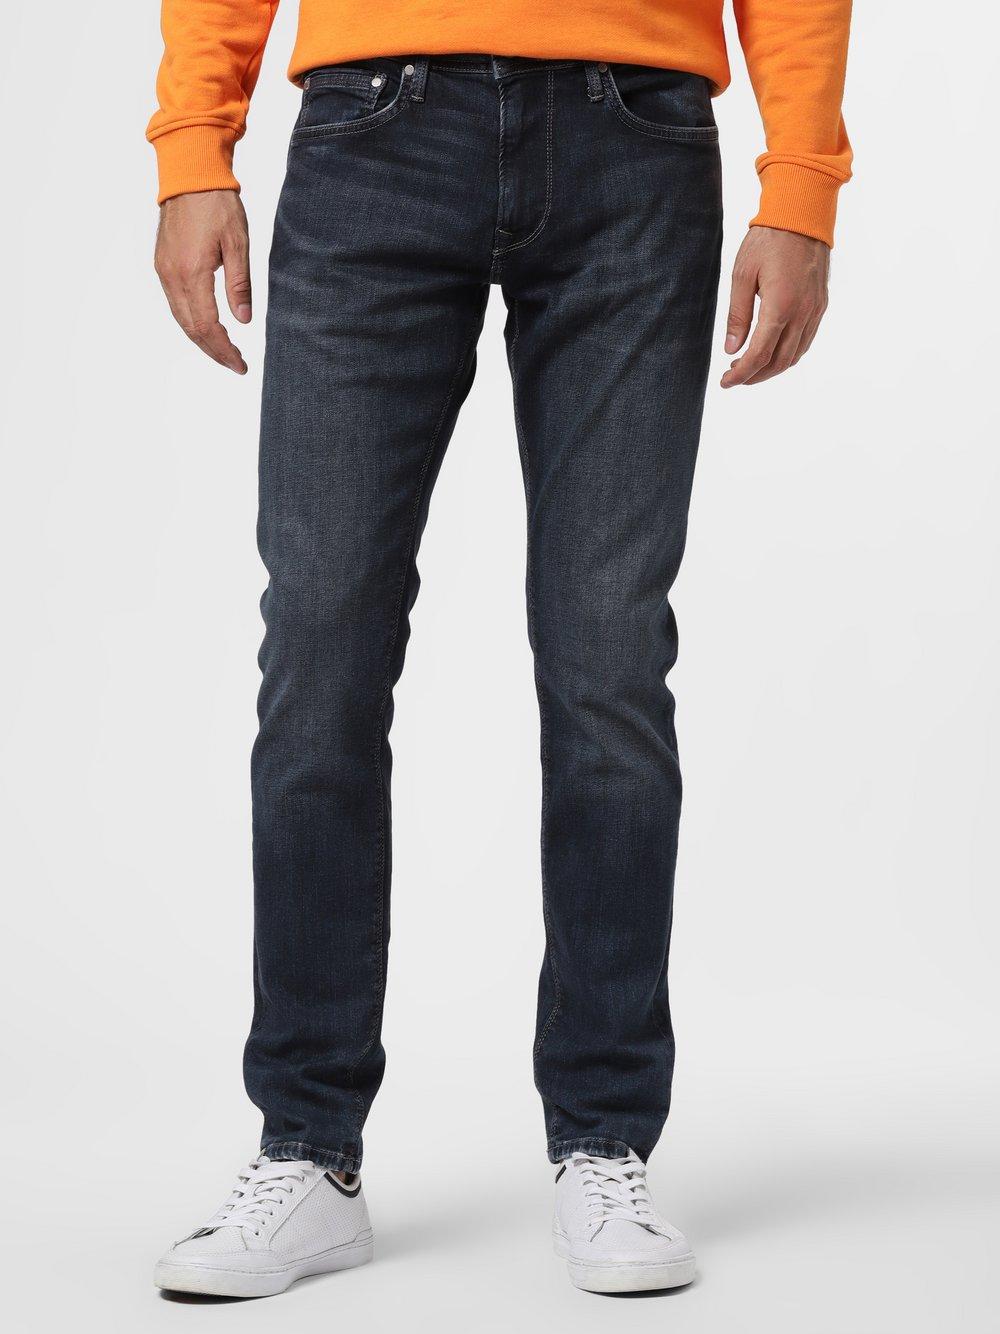 Pepe Jeans - Jeansy męskie – Stanley, niebieski